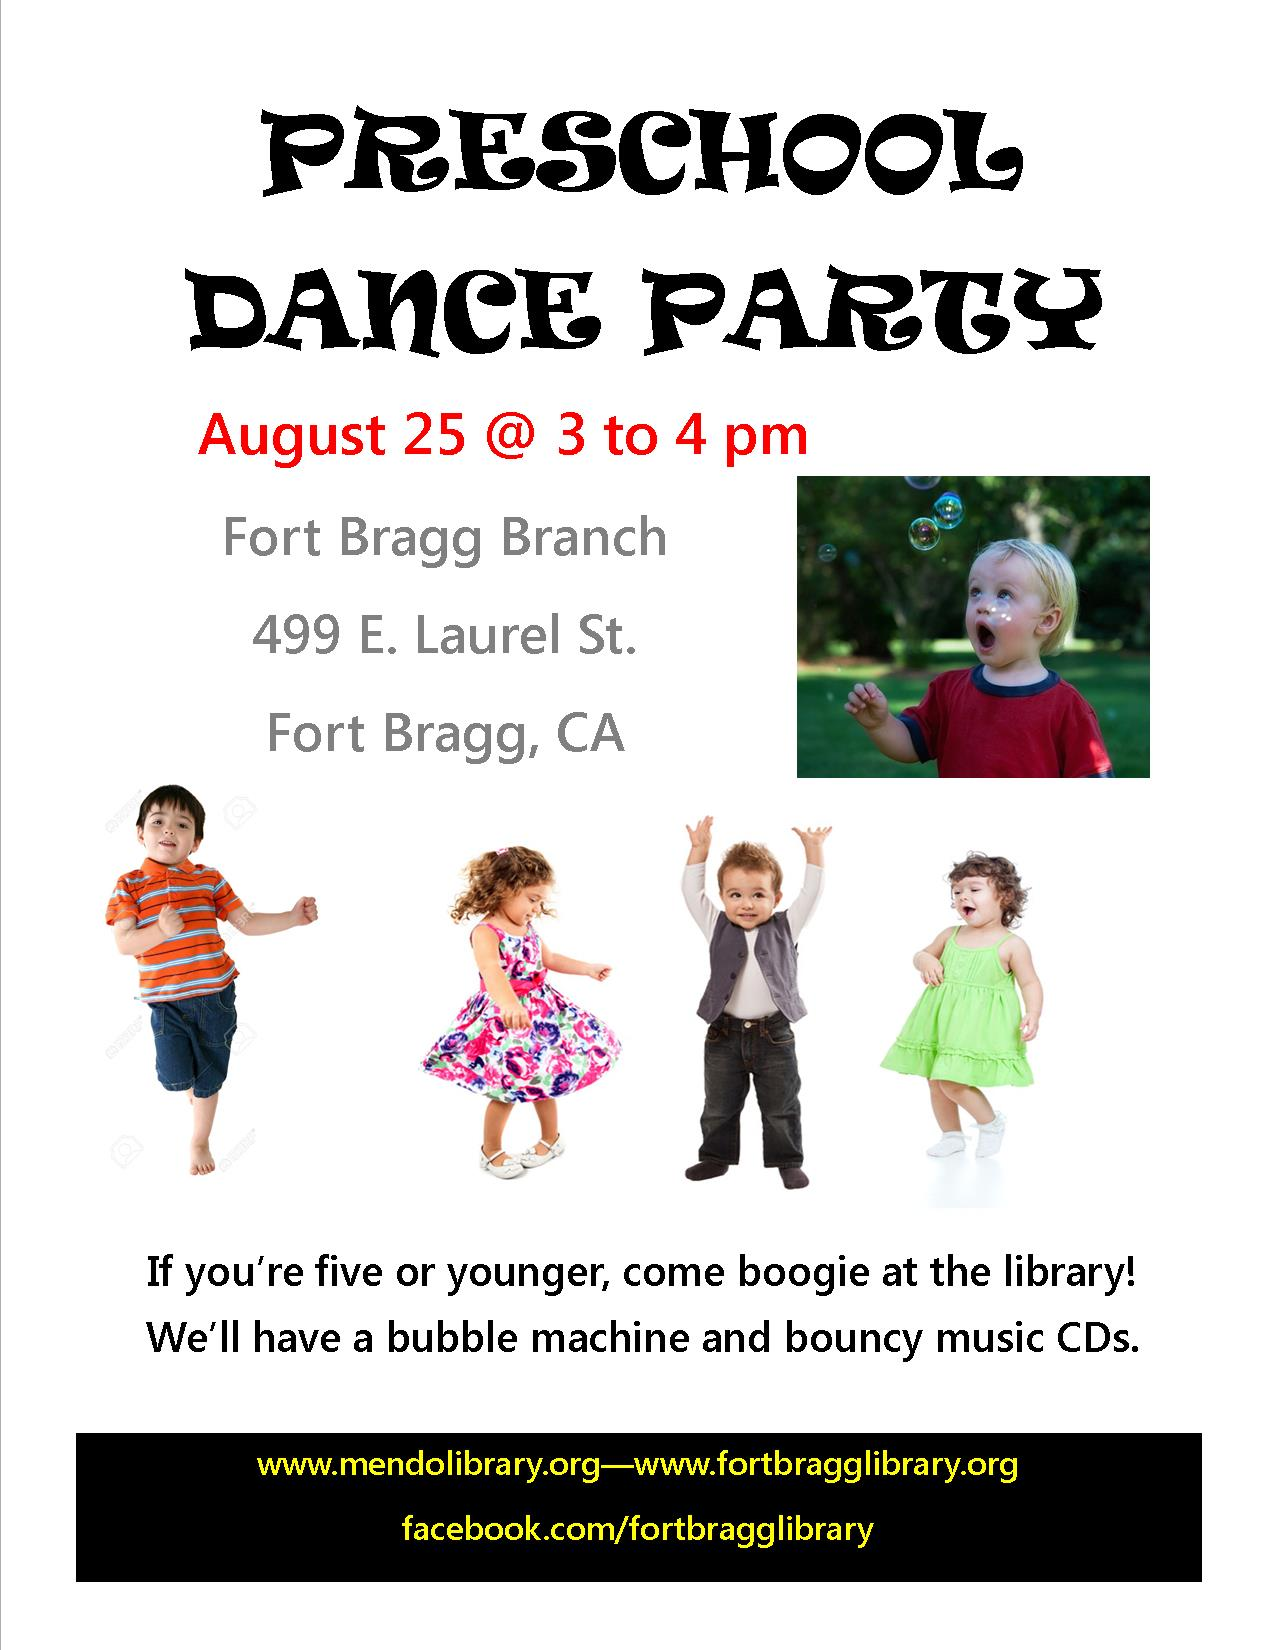 Preschool Dance Party